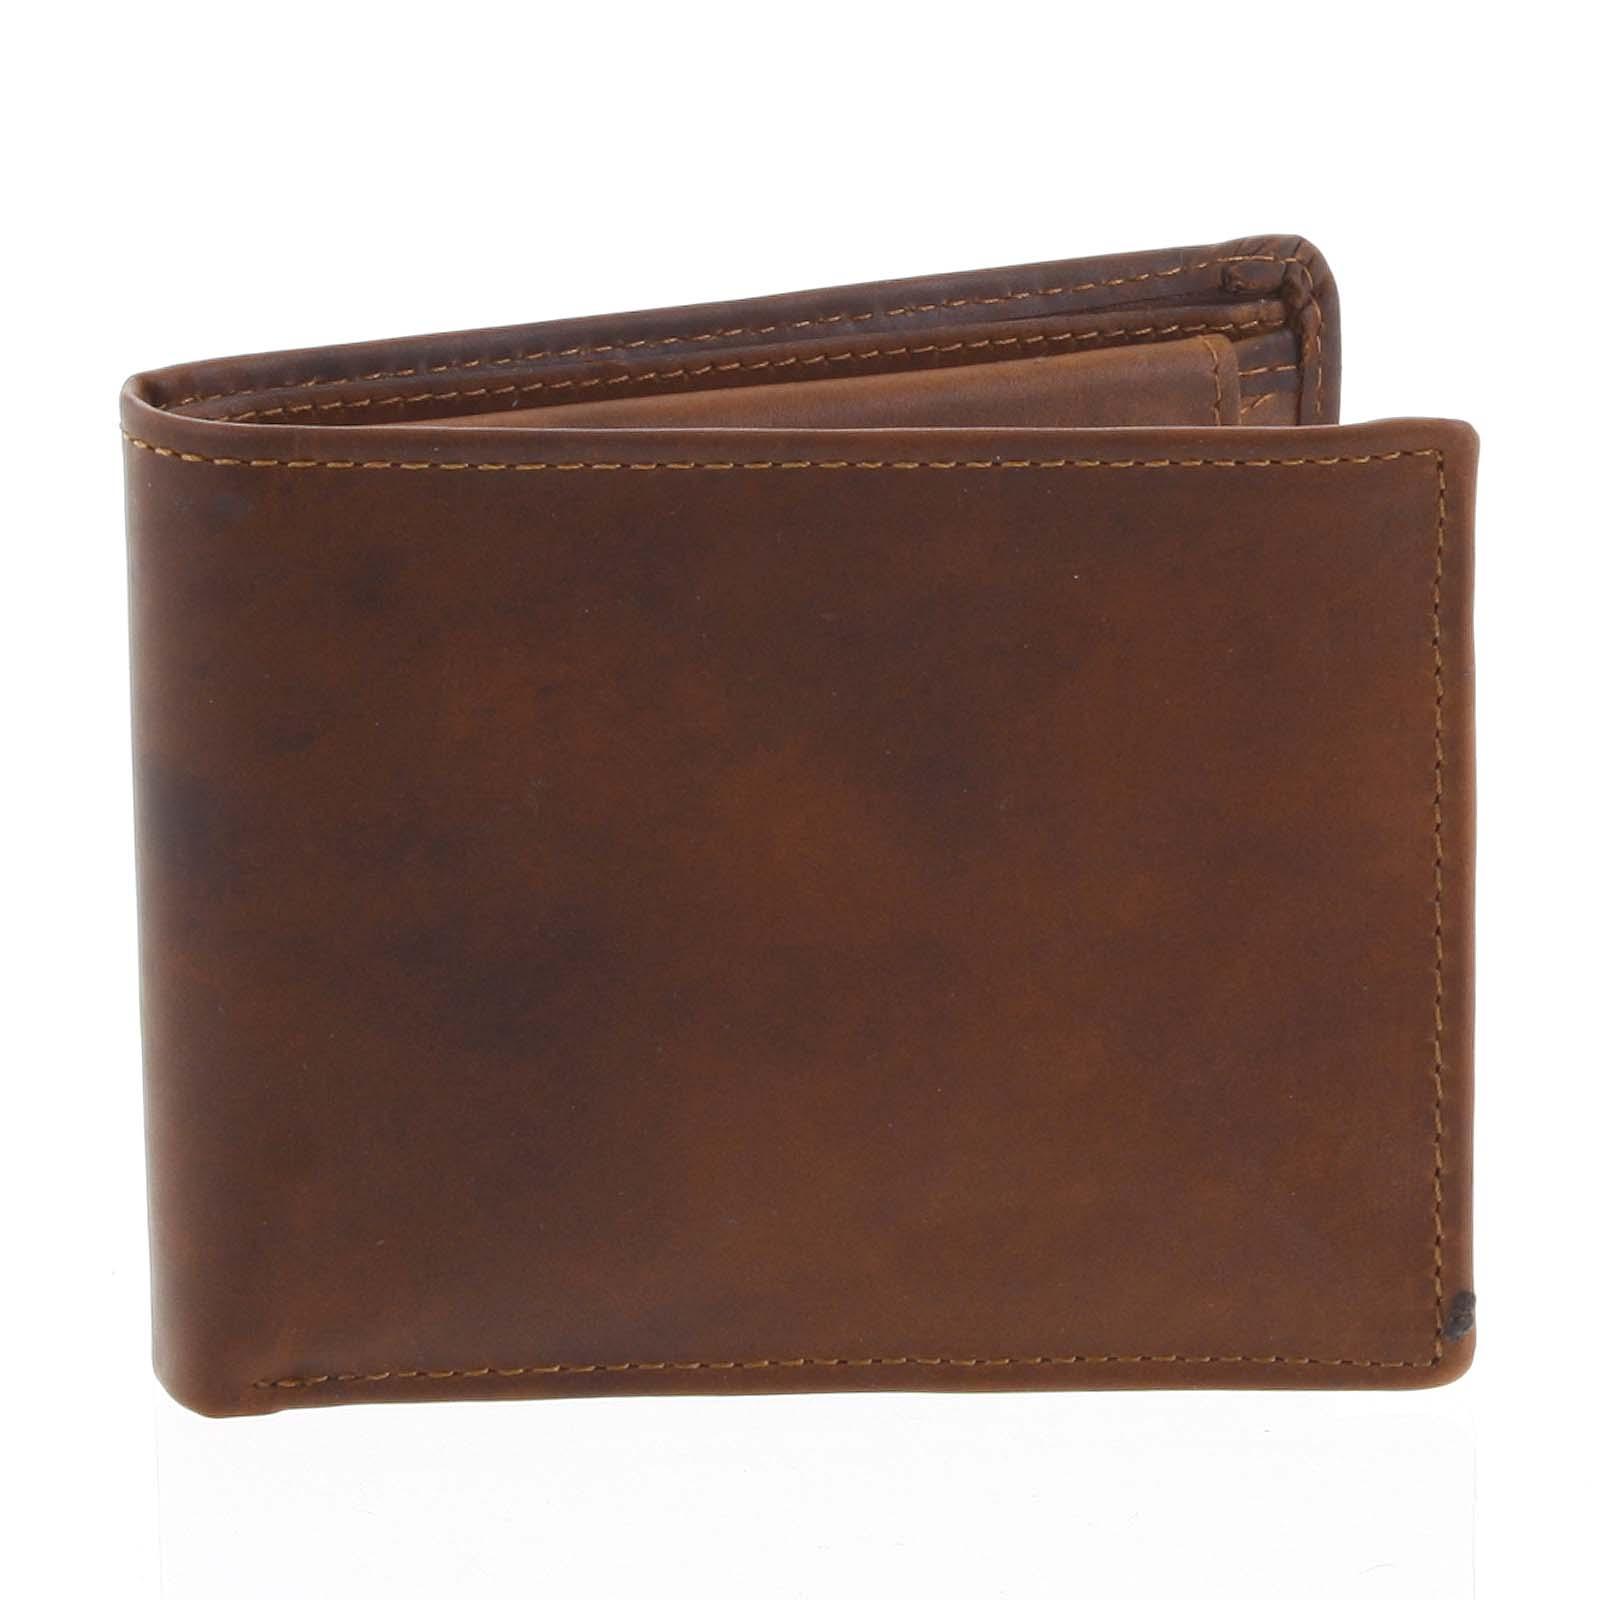 Pánská kožená peněženka hnědá - Tomas Bushel